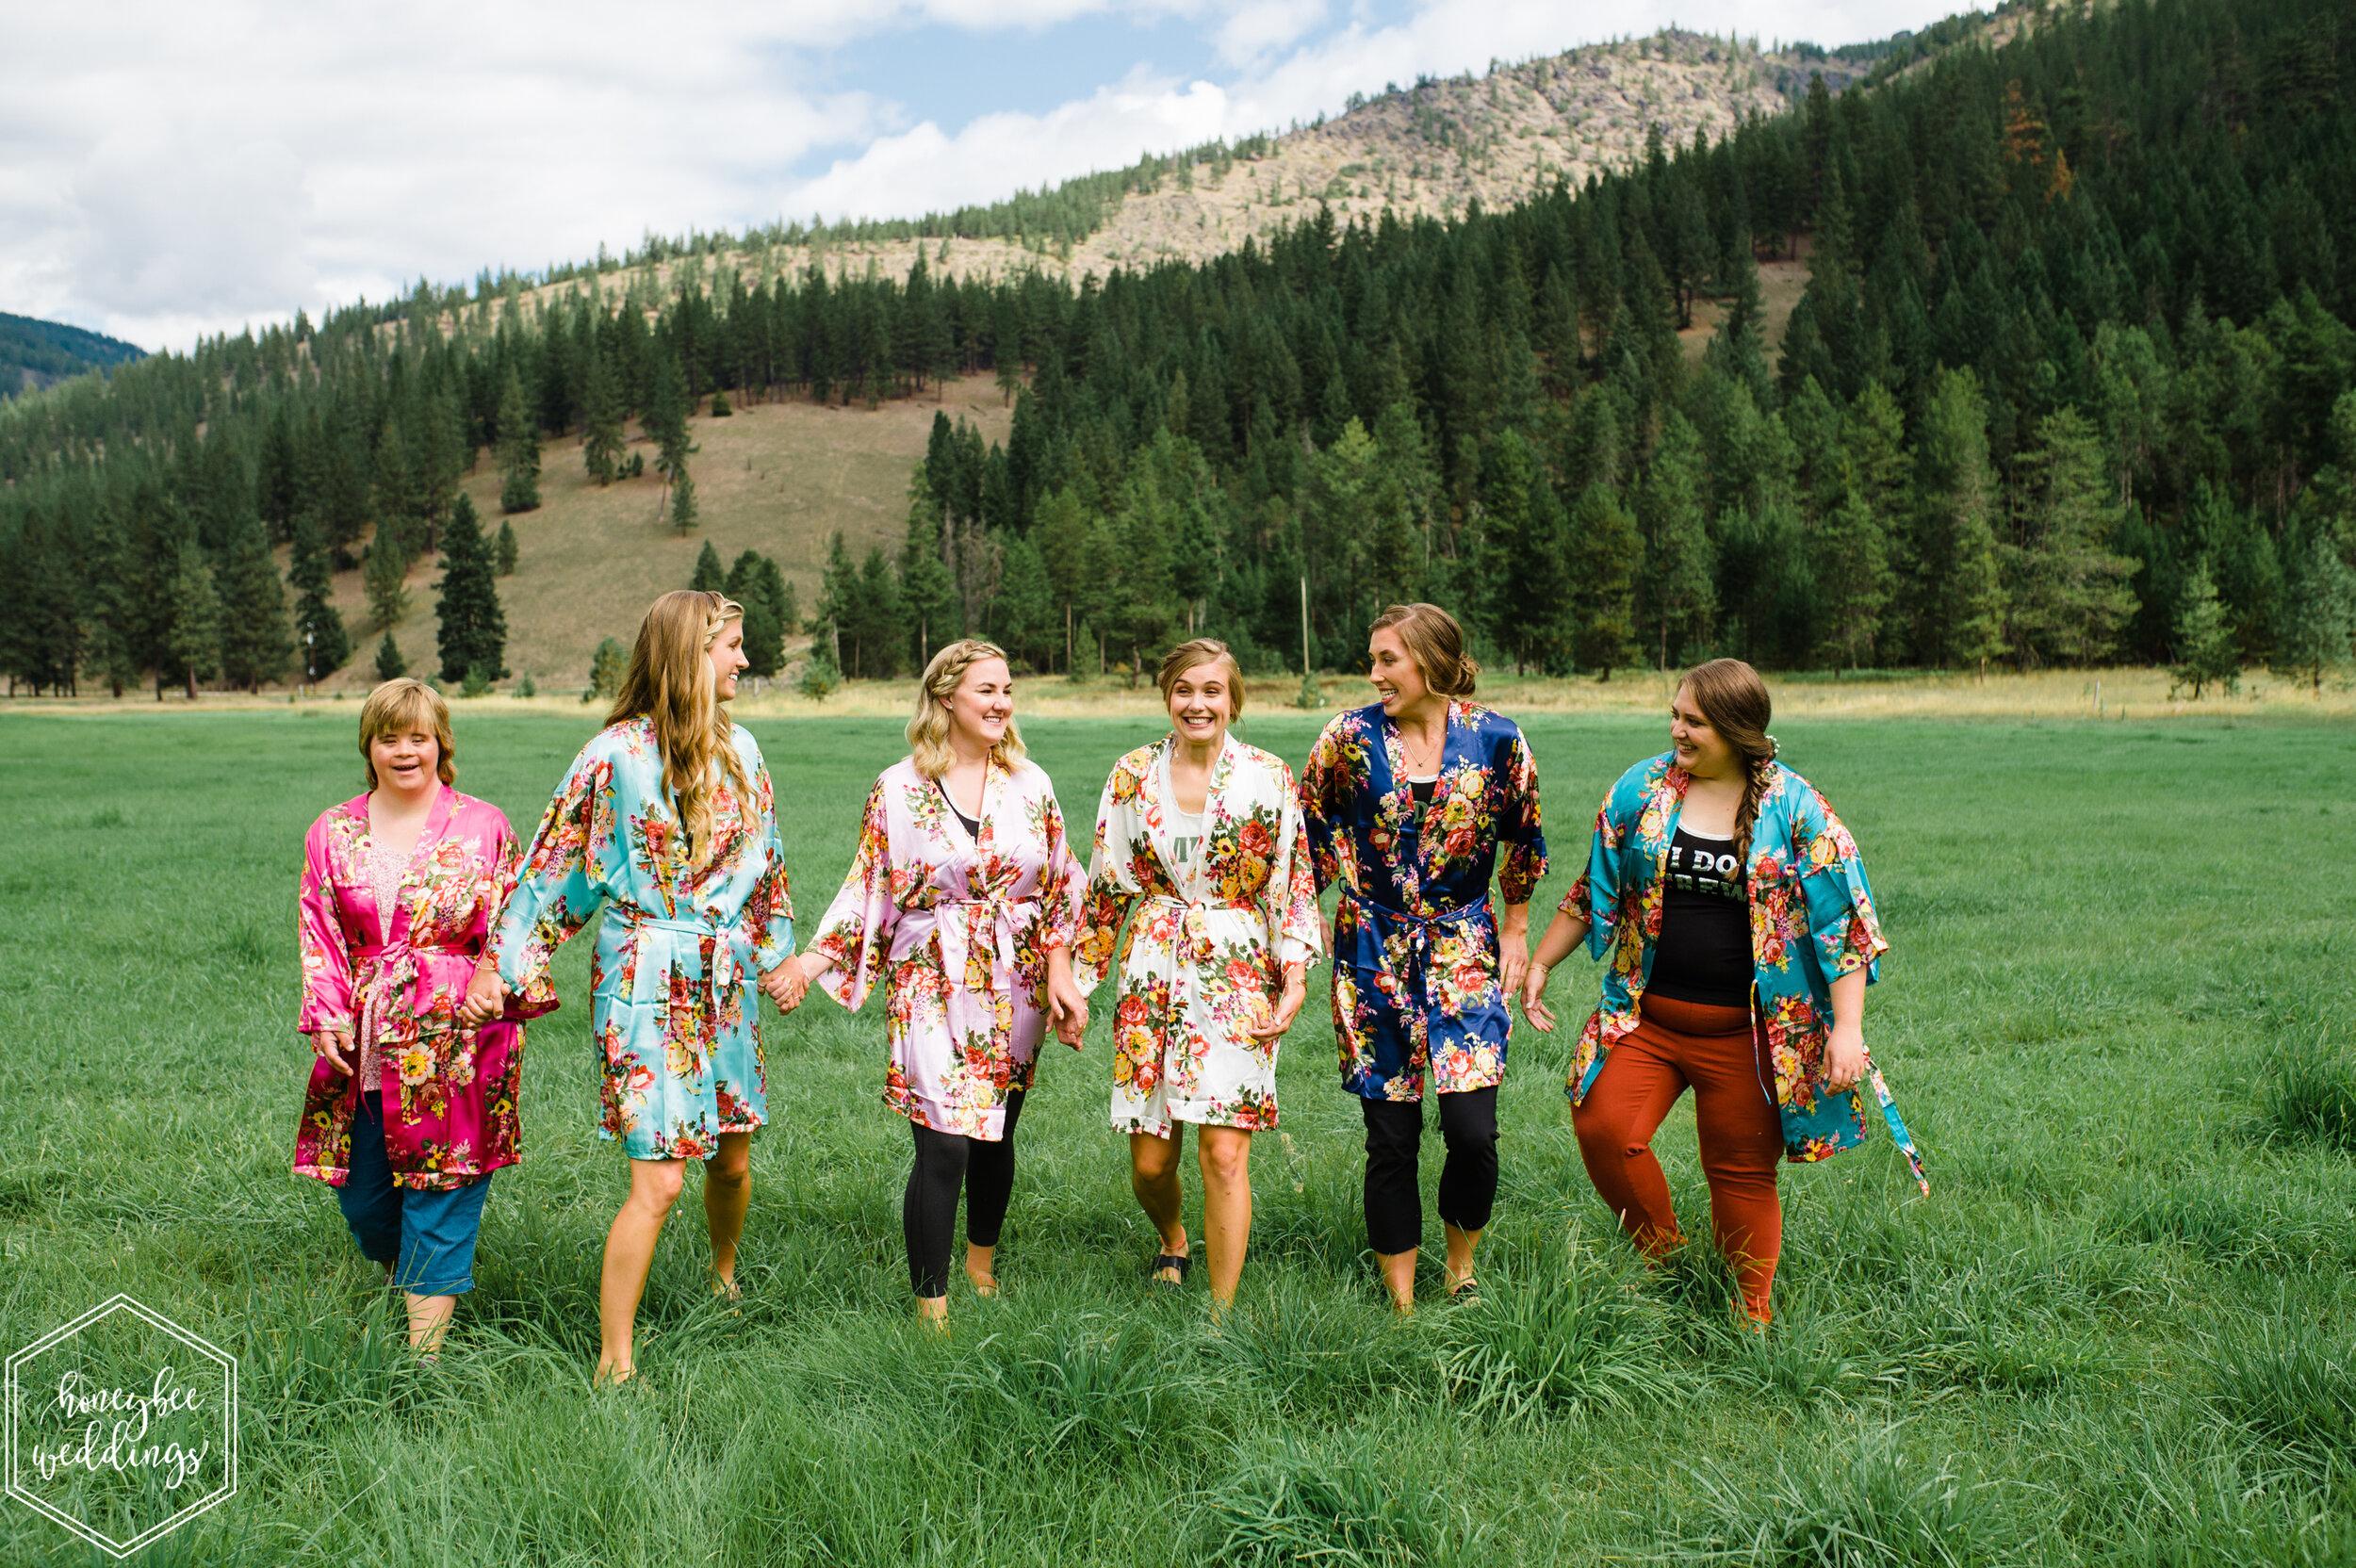 003Seven Mile Meadows Wedding_Montana Wedding Photographer_Jamie & Wes_Honeybee Weddings_September 07, 2019-883.jpg